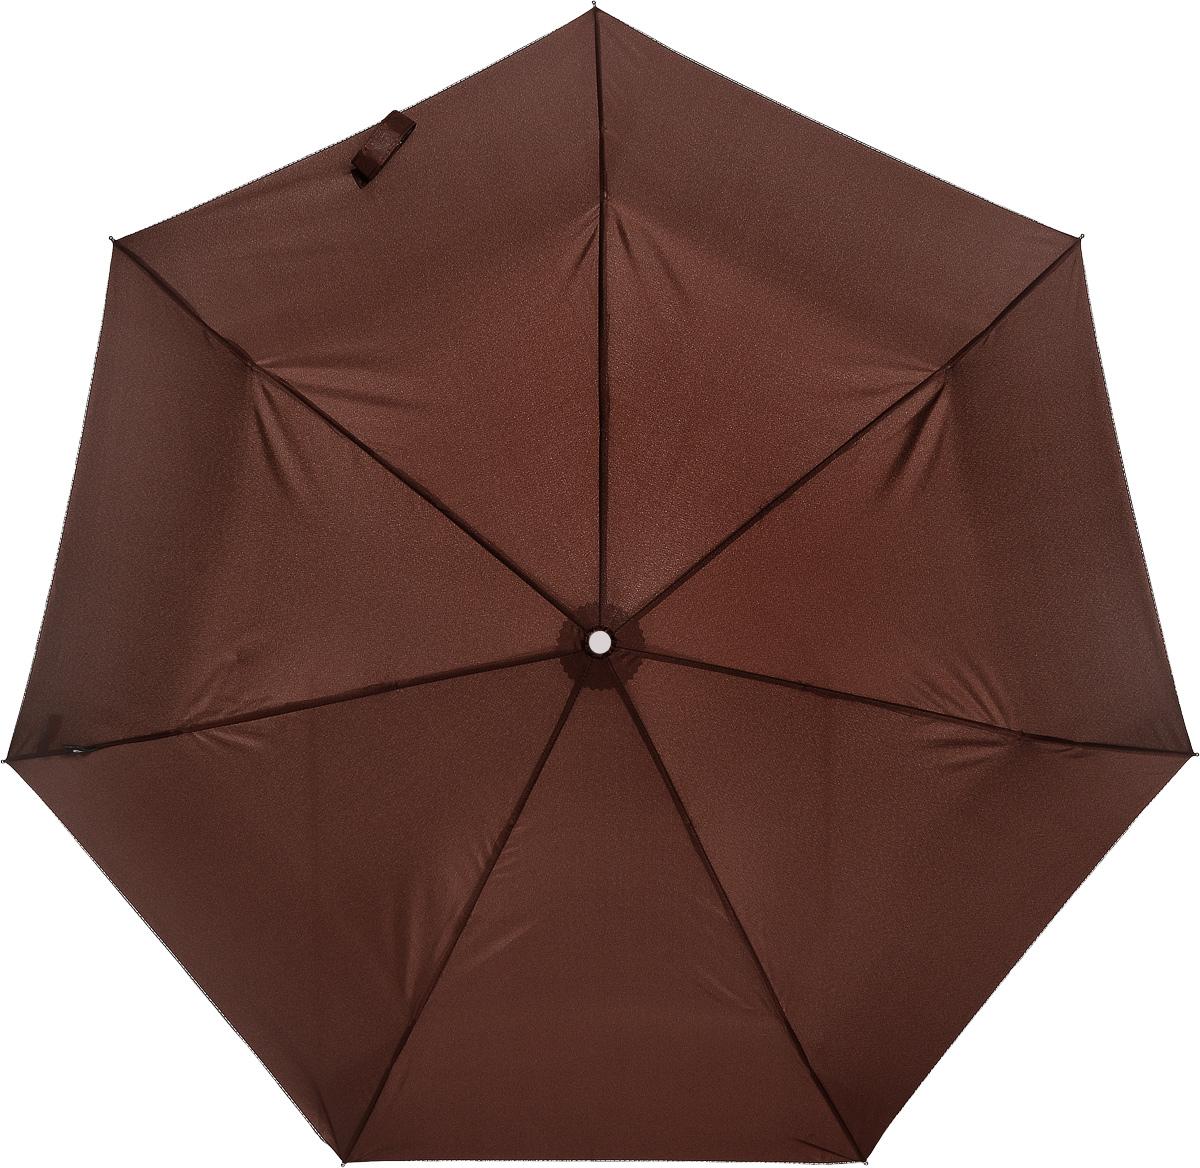 Bisetti 3580-5 Зонт полный автом. 3 сл. жен.3580-5Зонт испанского производителя Clima. В производстве зонтов используются современные материалы, что делает зонты легкими, но в то же время крепкими.Полный автомат, 3 сложения, 8 спиц по 54см, полиэстер.